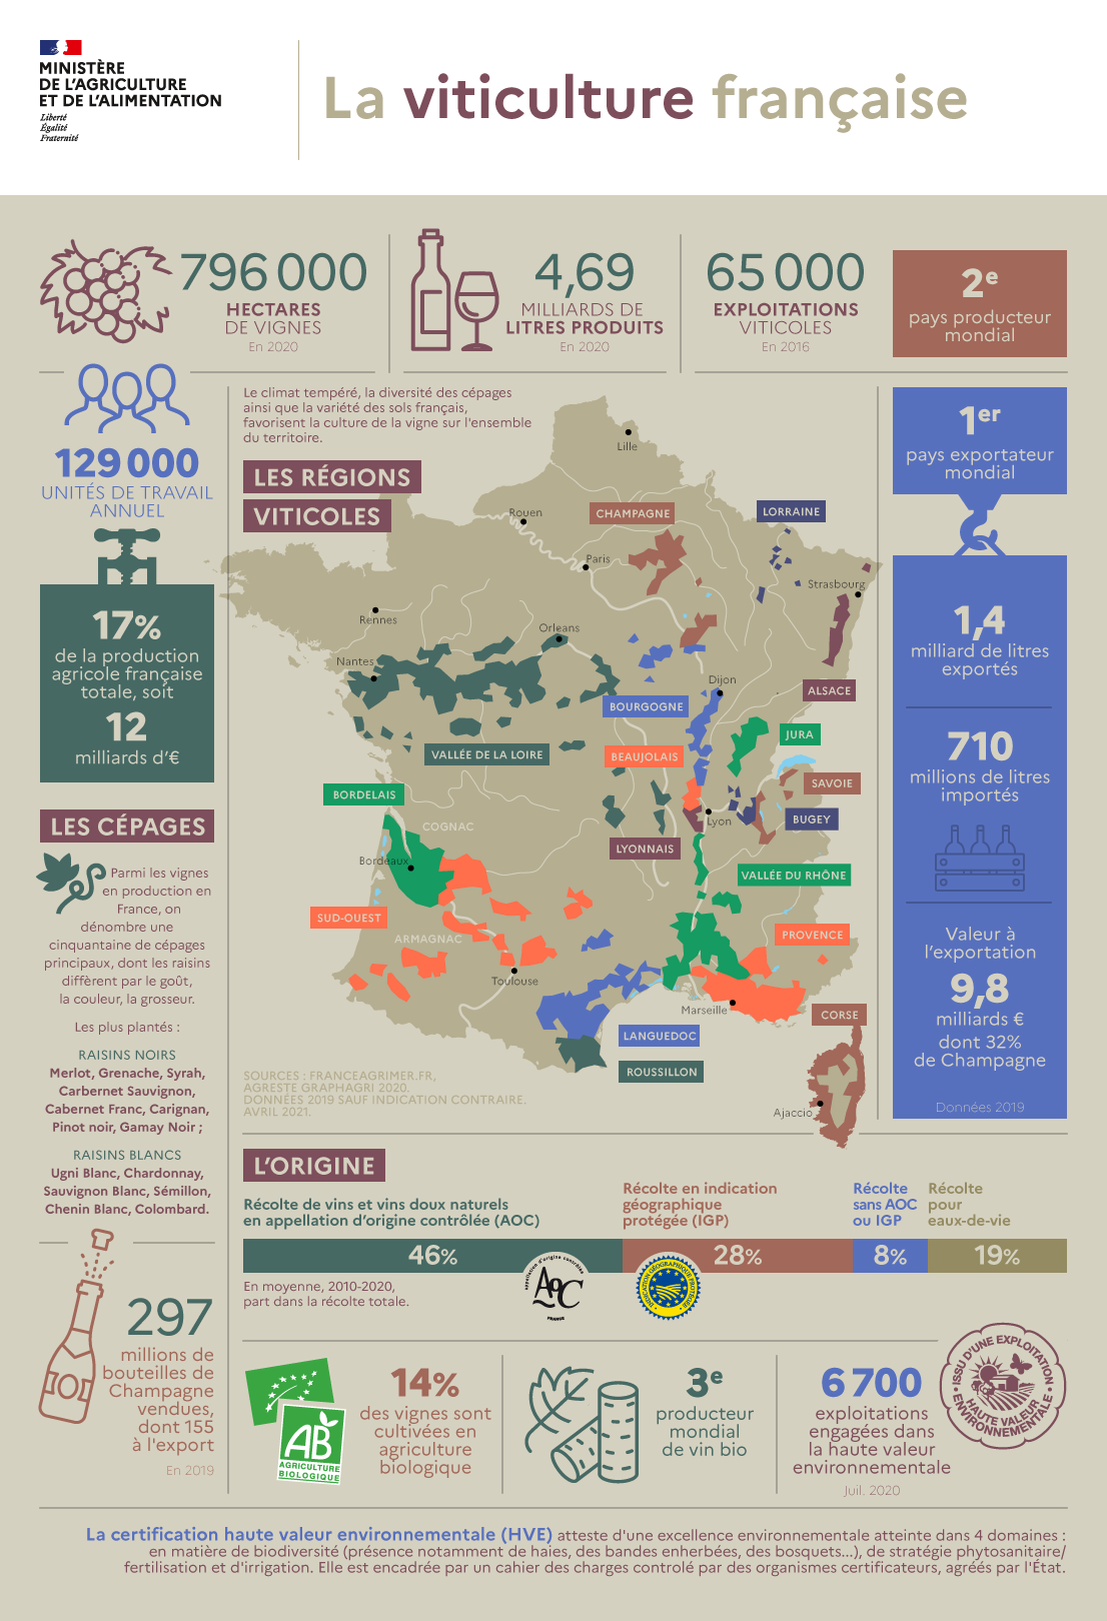 infographie viticulture française